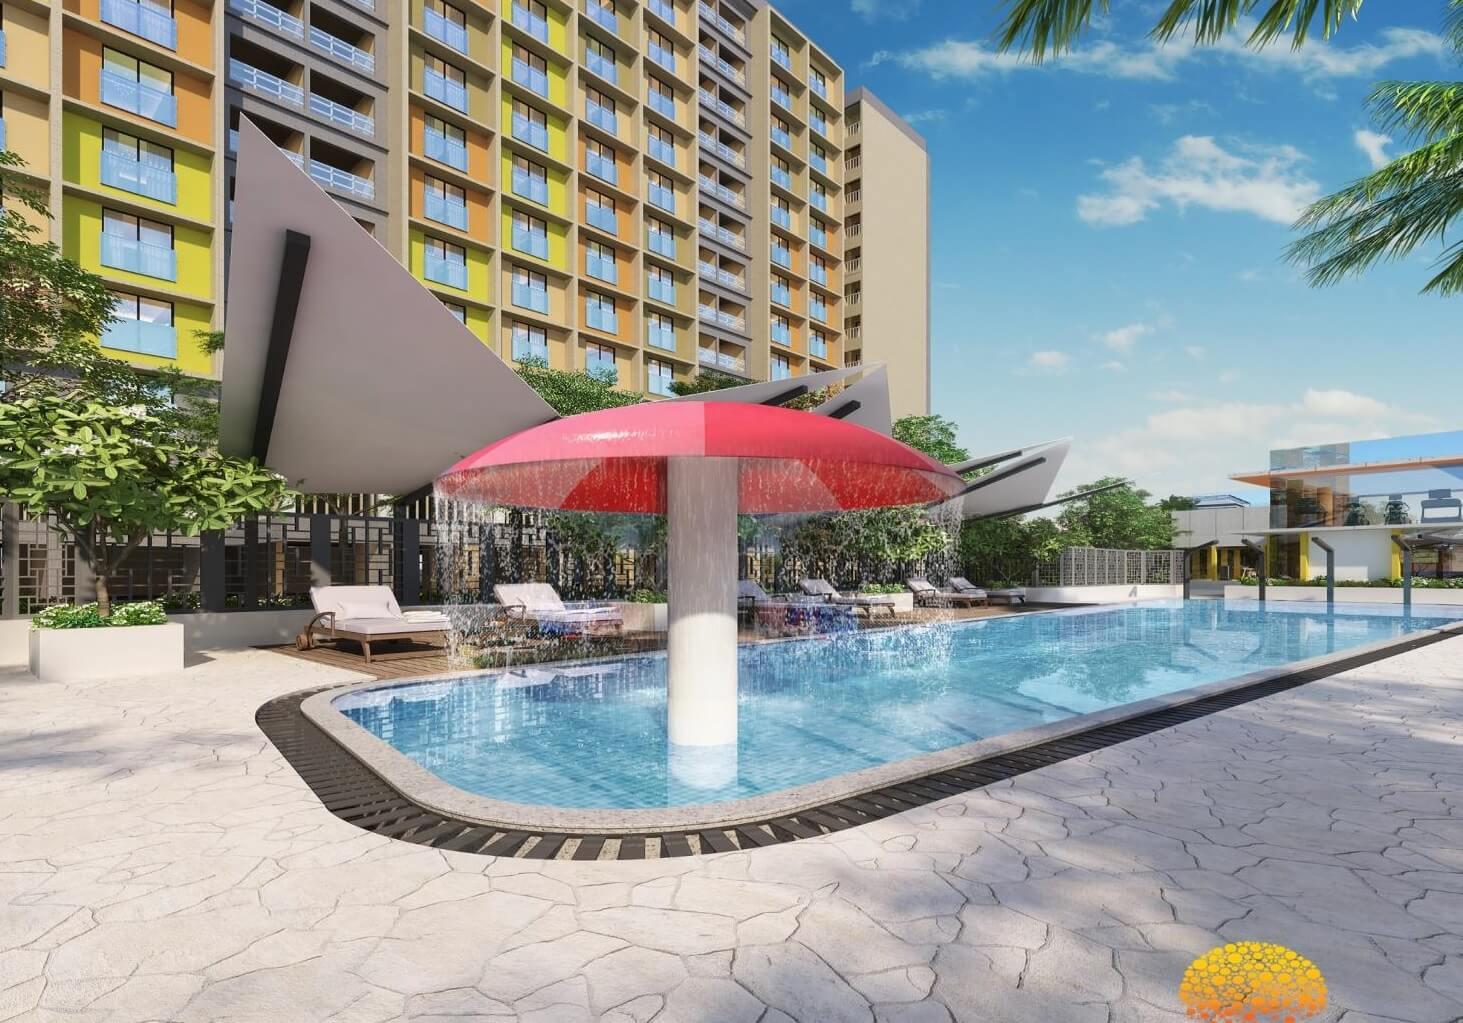 malpani vivanta amenities features2